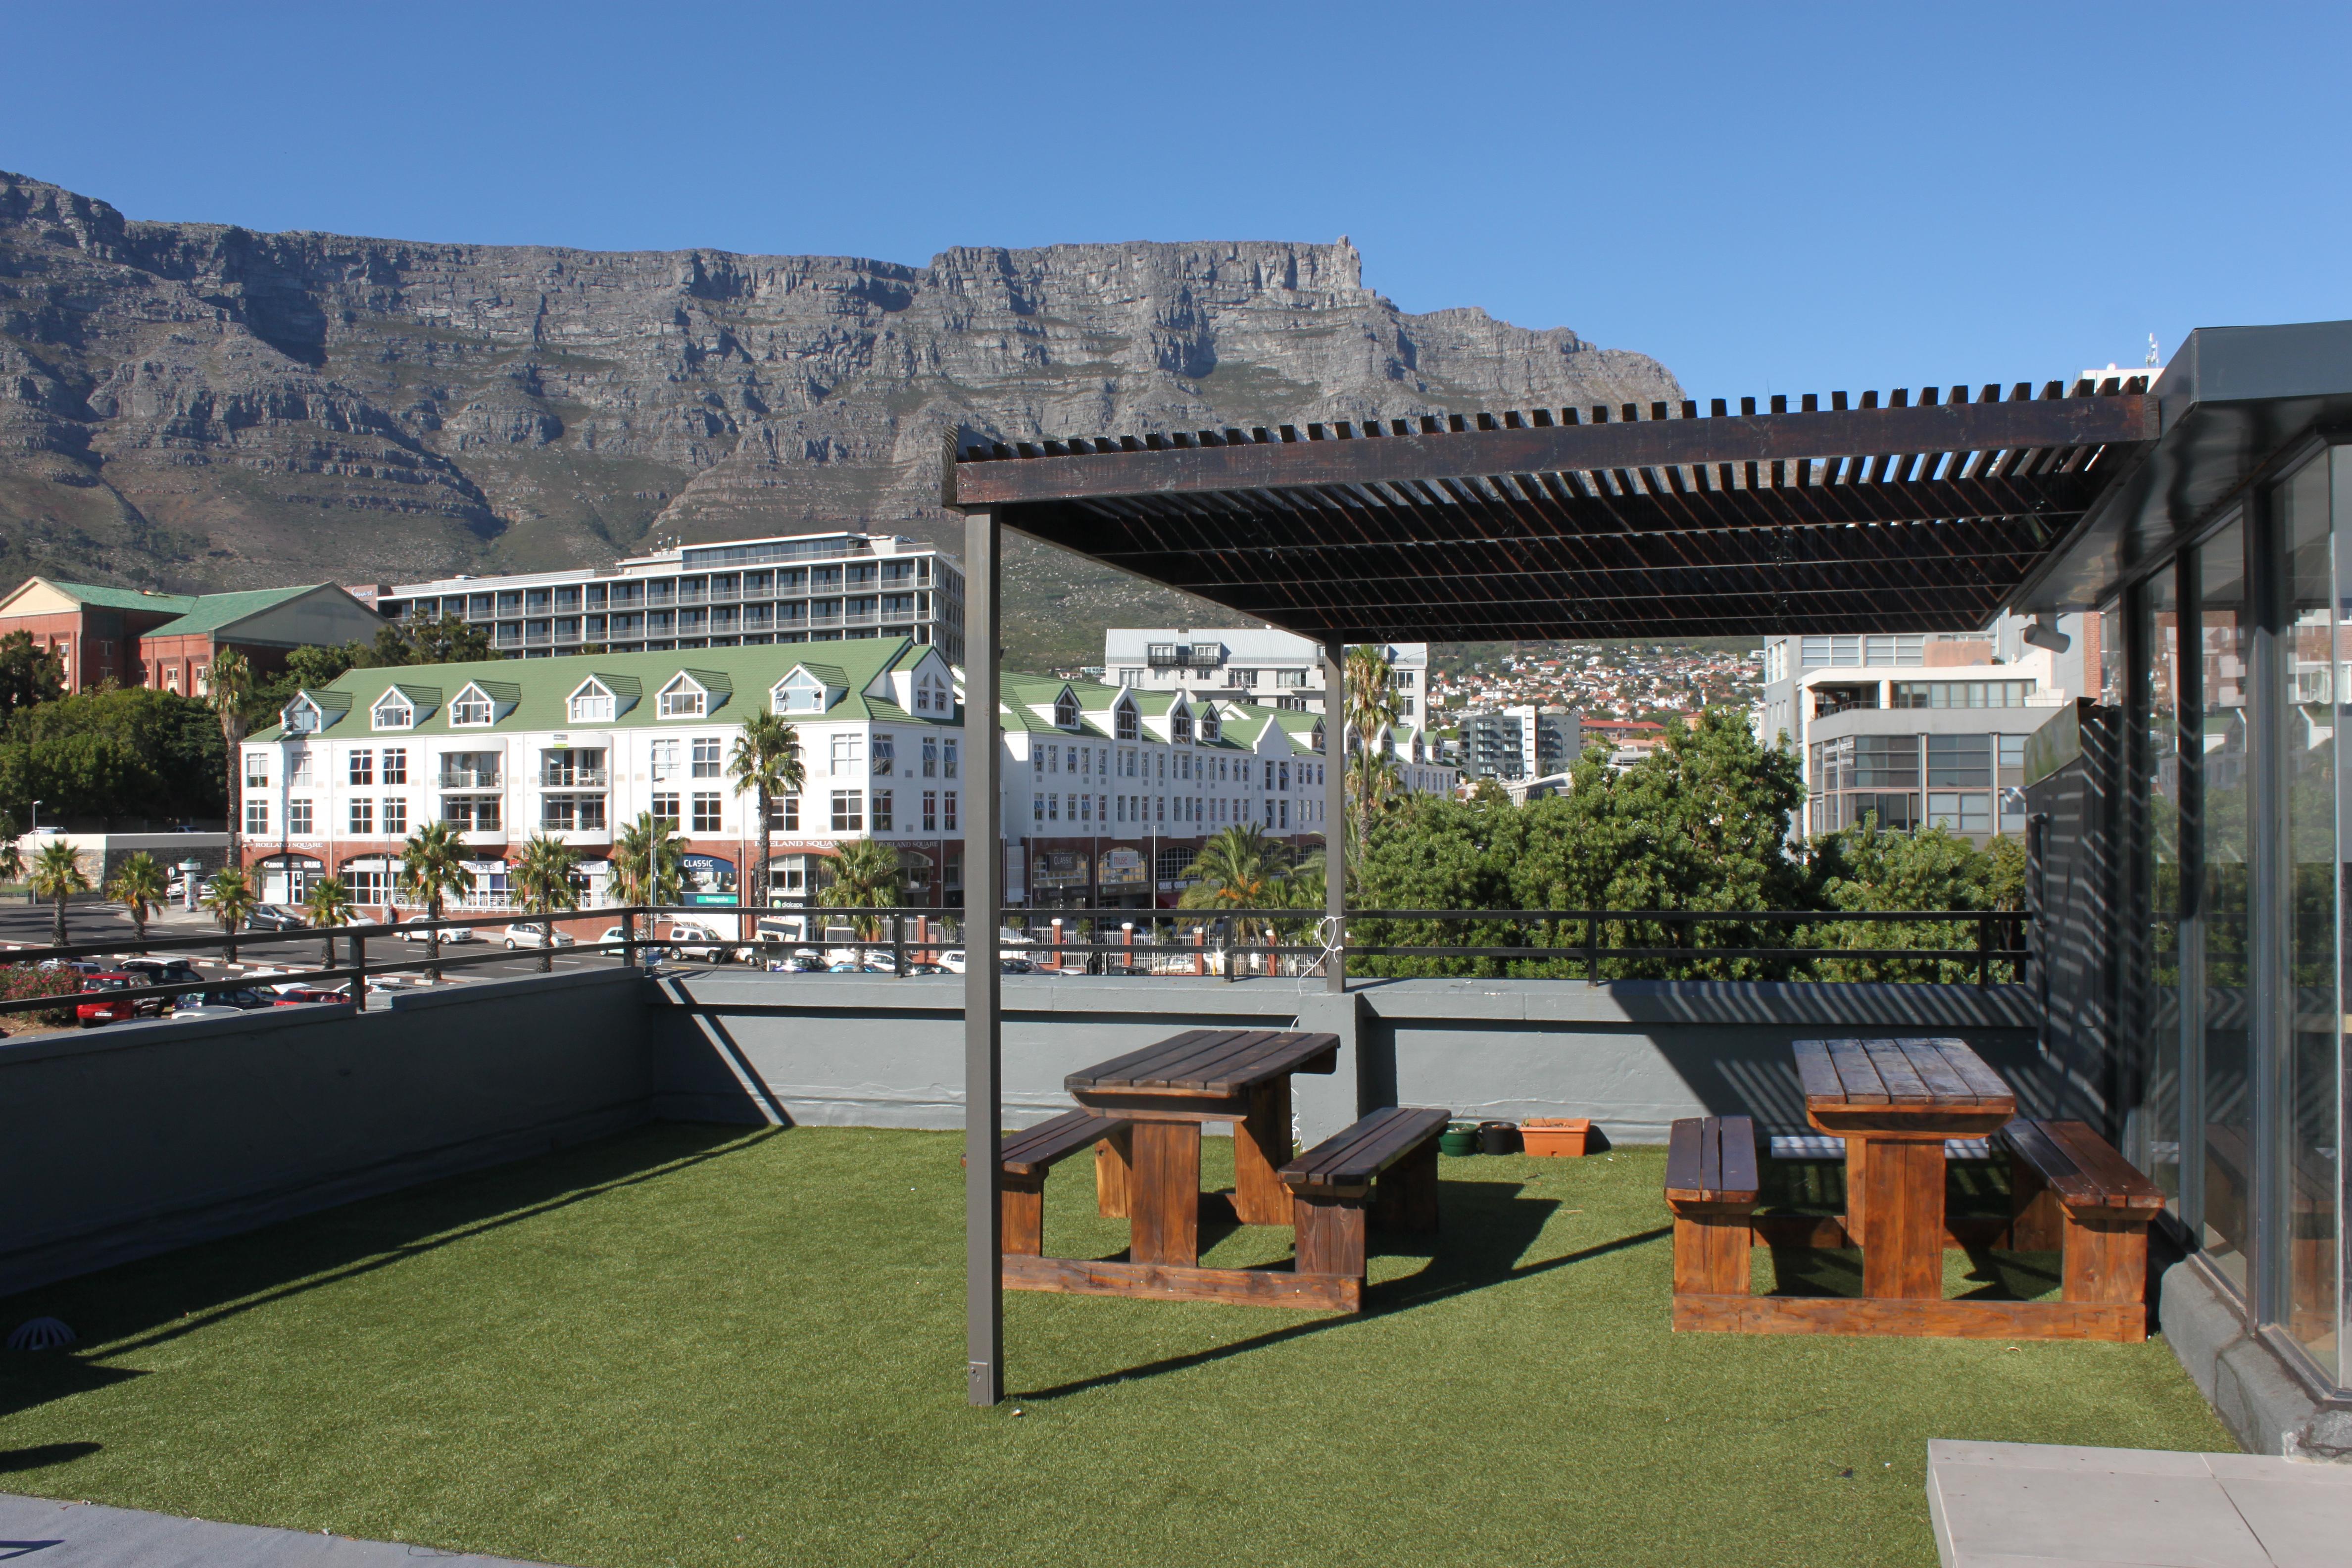 Studentenhuis in Zonnebloem, Kaapstad